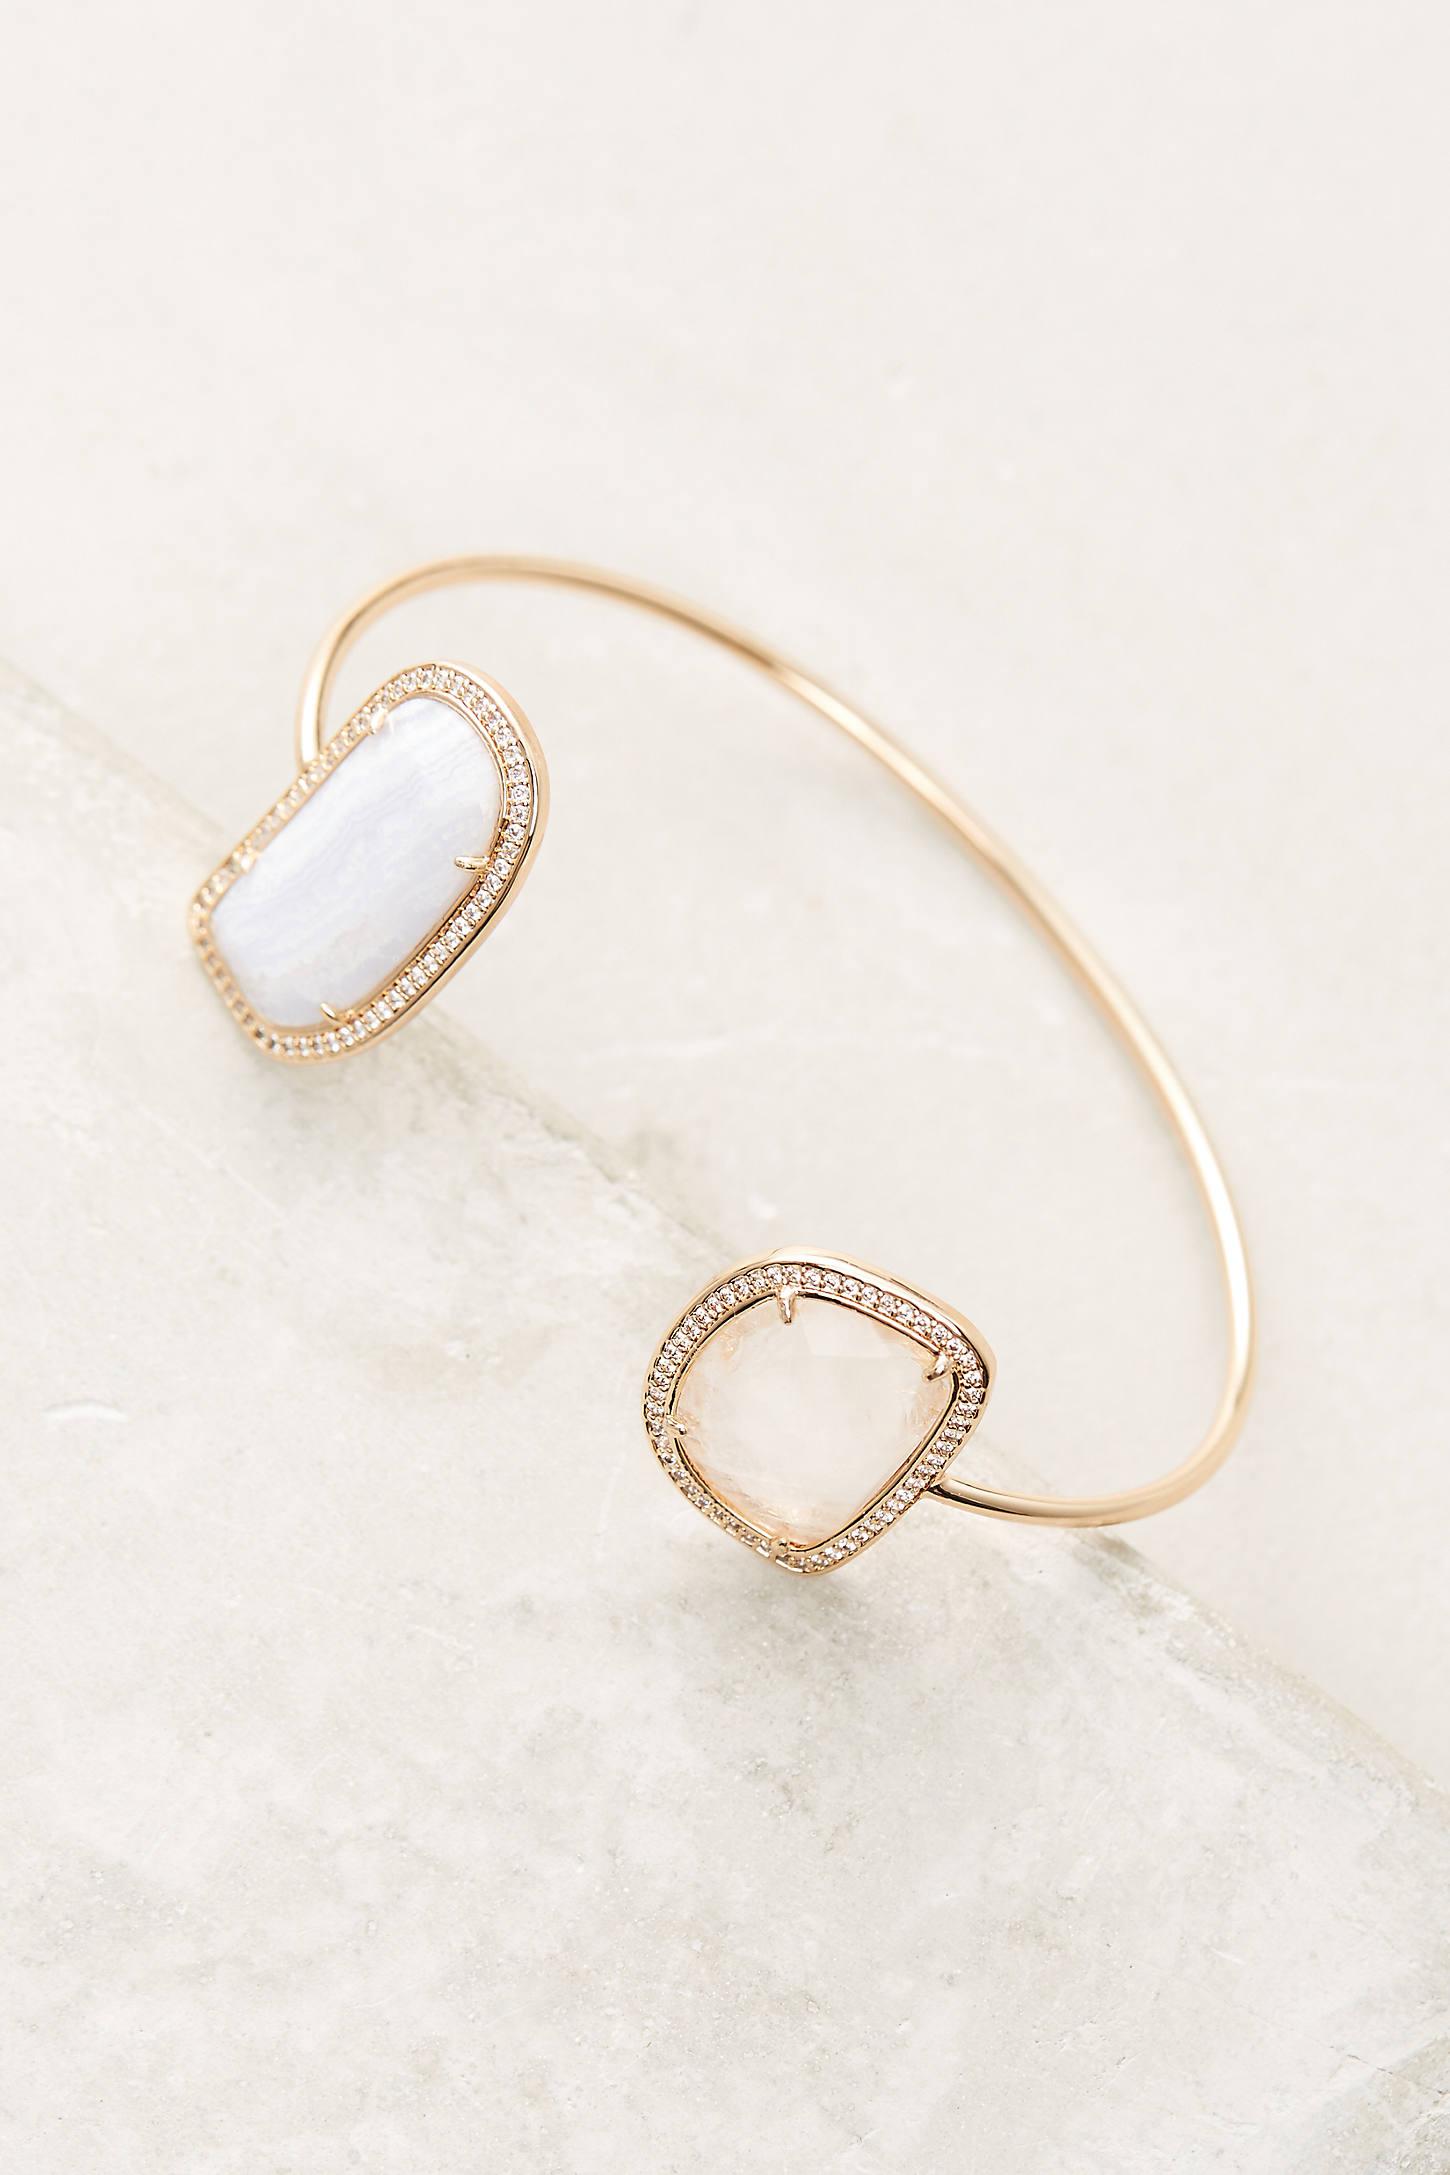 Adella Stone Cuff Bracelet